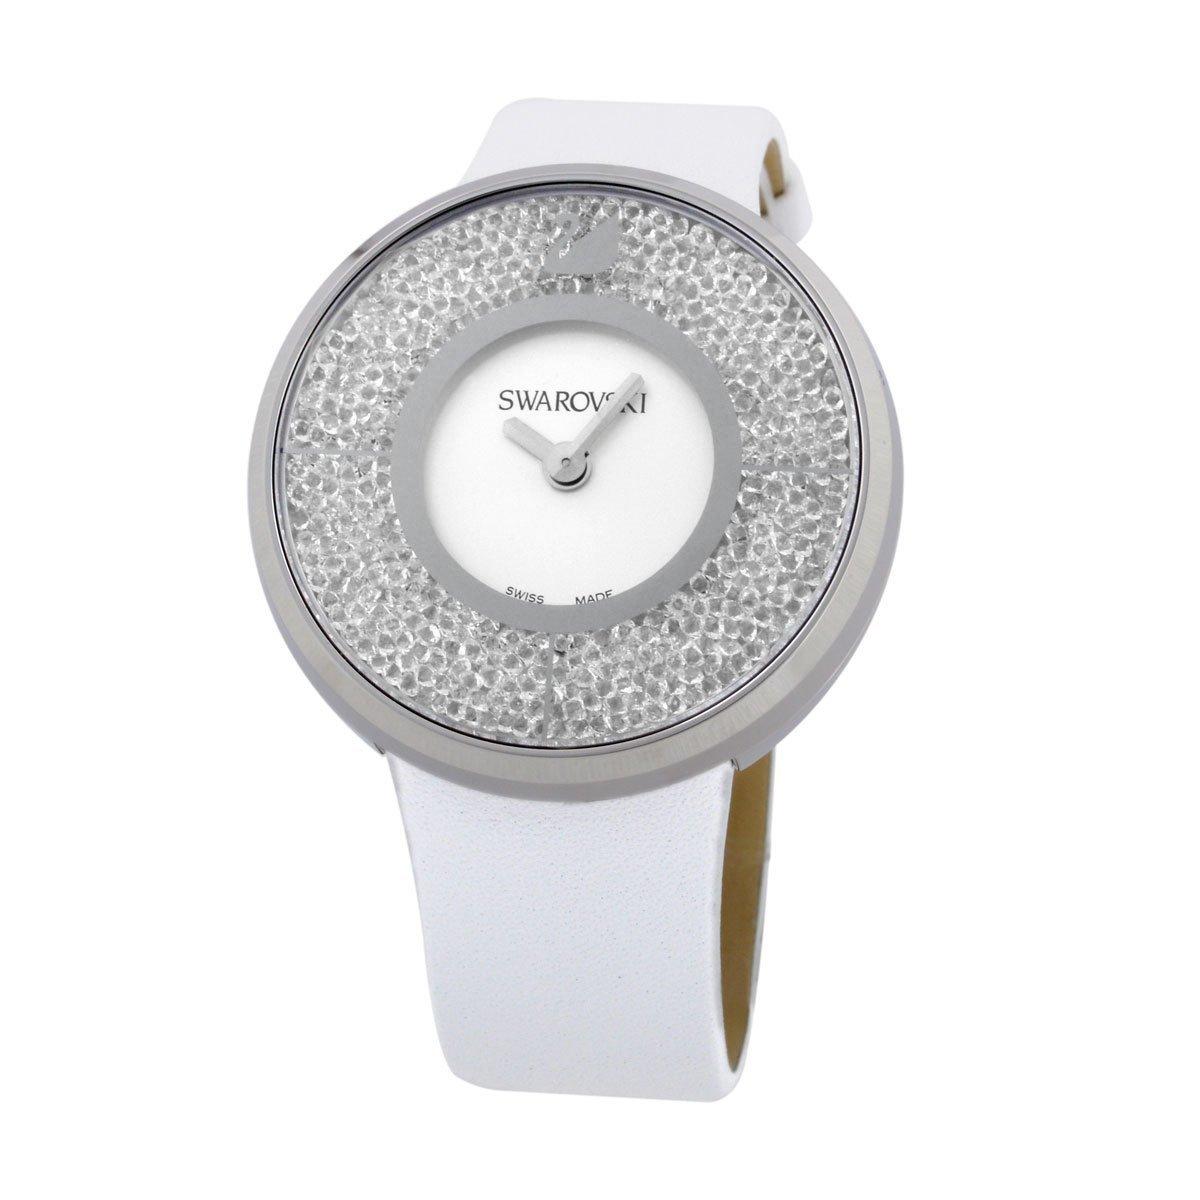 Купить часы swarovski в интернет магазине